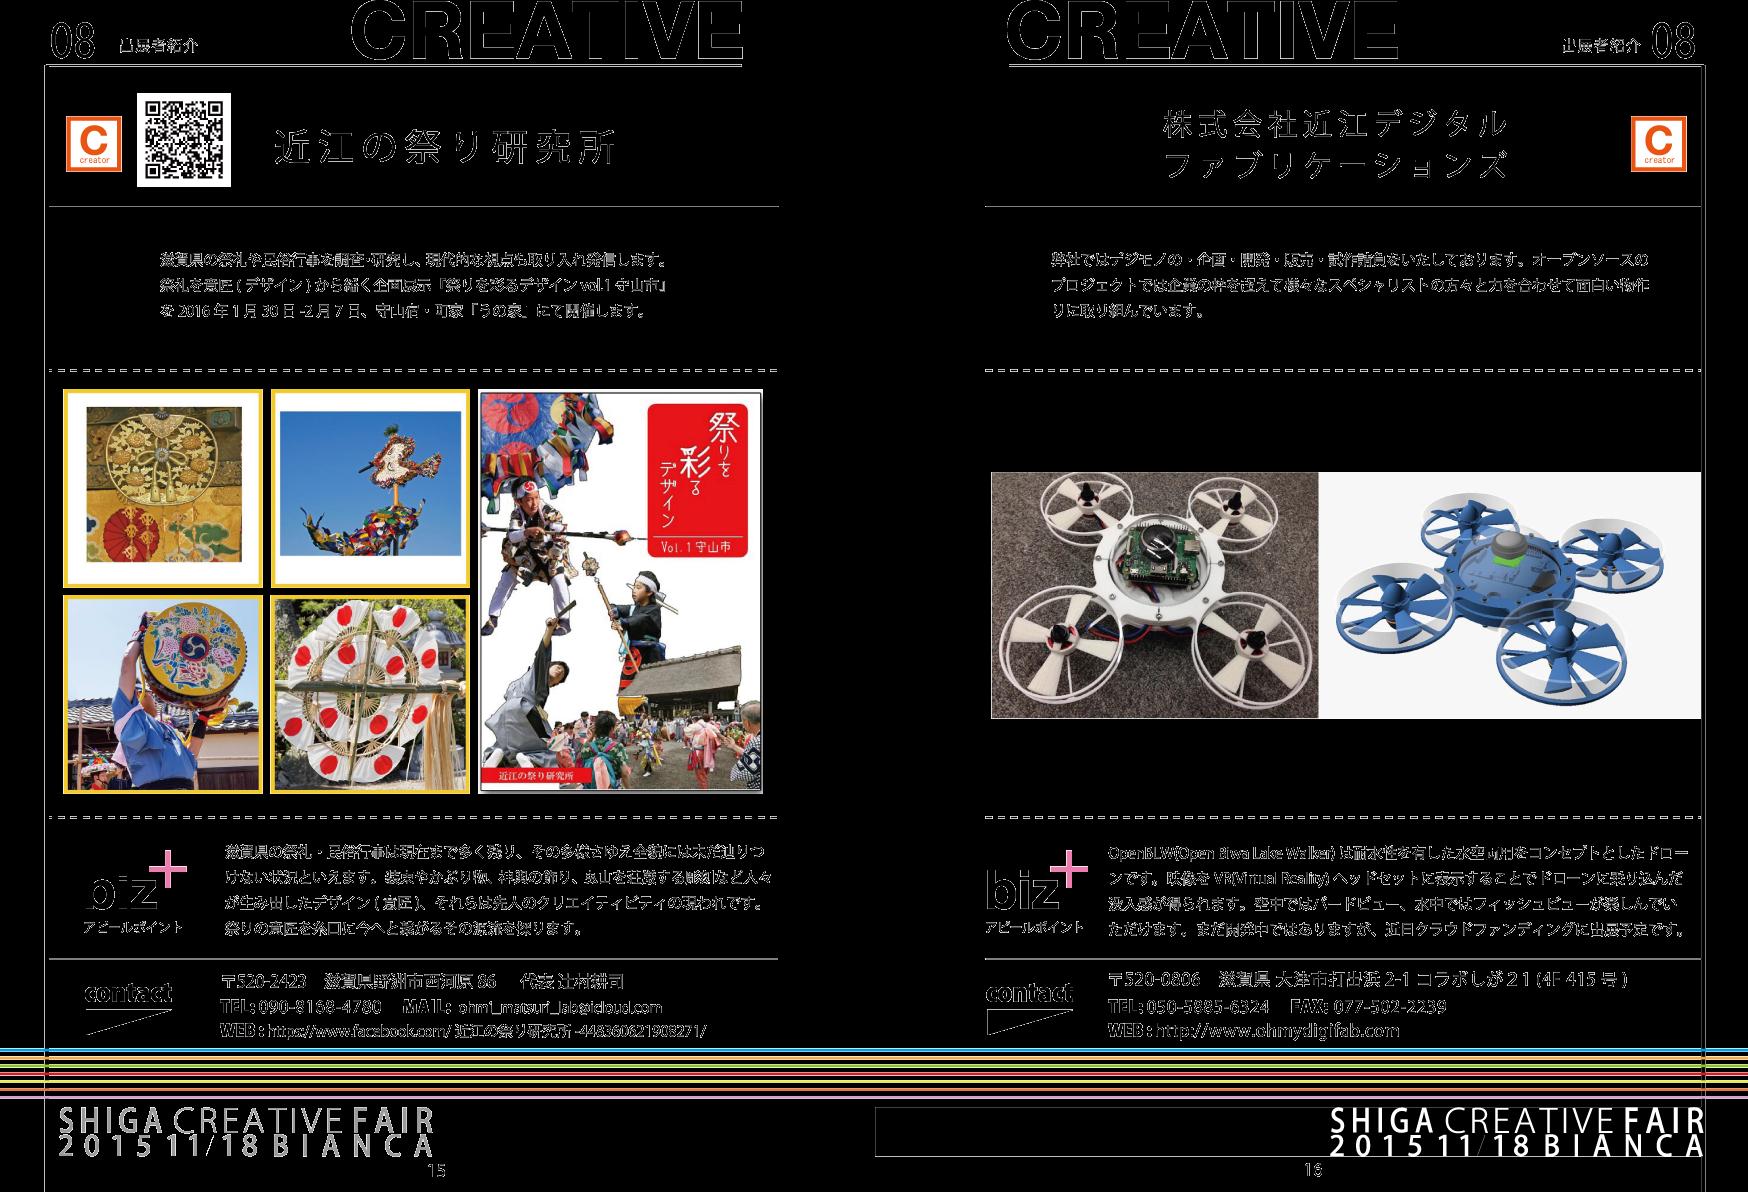 ■出展者紹介 近江の祭り研究 , 株式会社近江ファブリケ―ションズ